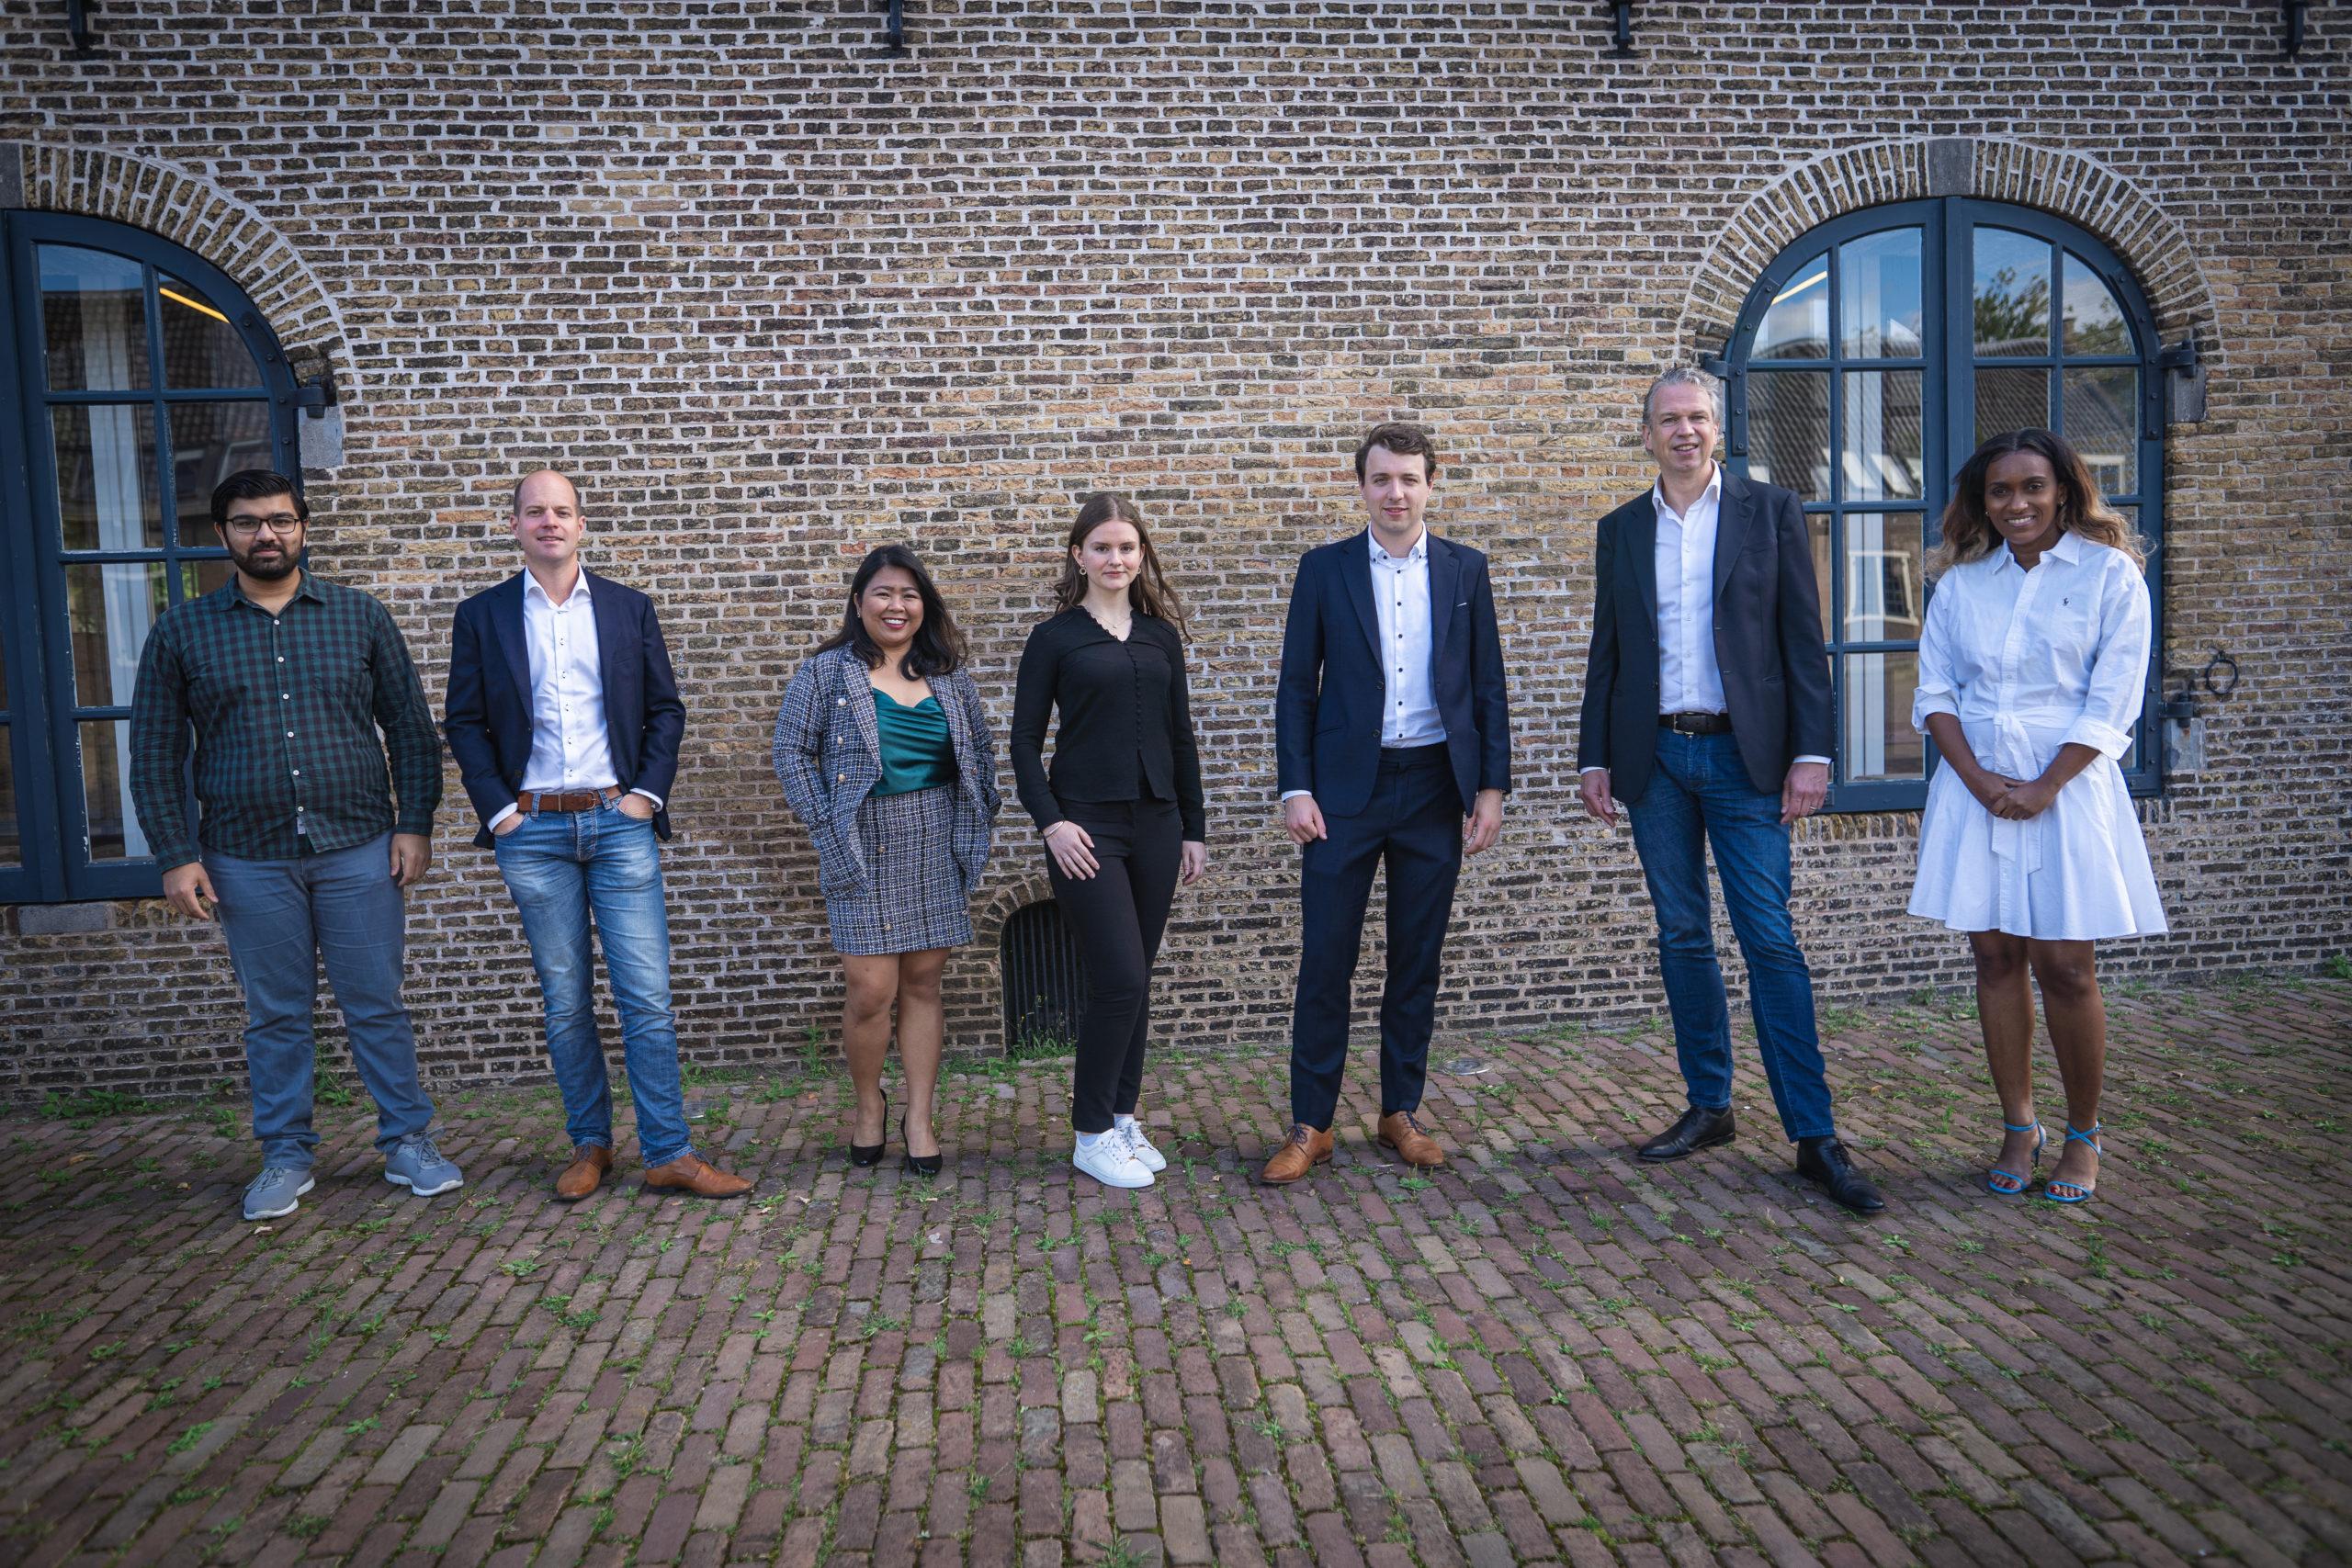 Energietransitieplatform TechnologyCatalogue.com haalt €730k op van Rockstart, PVS Investments en business angels bij investeringsronde